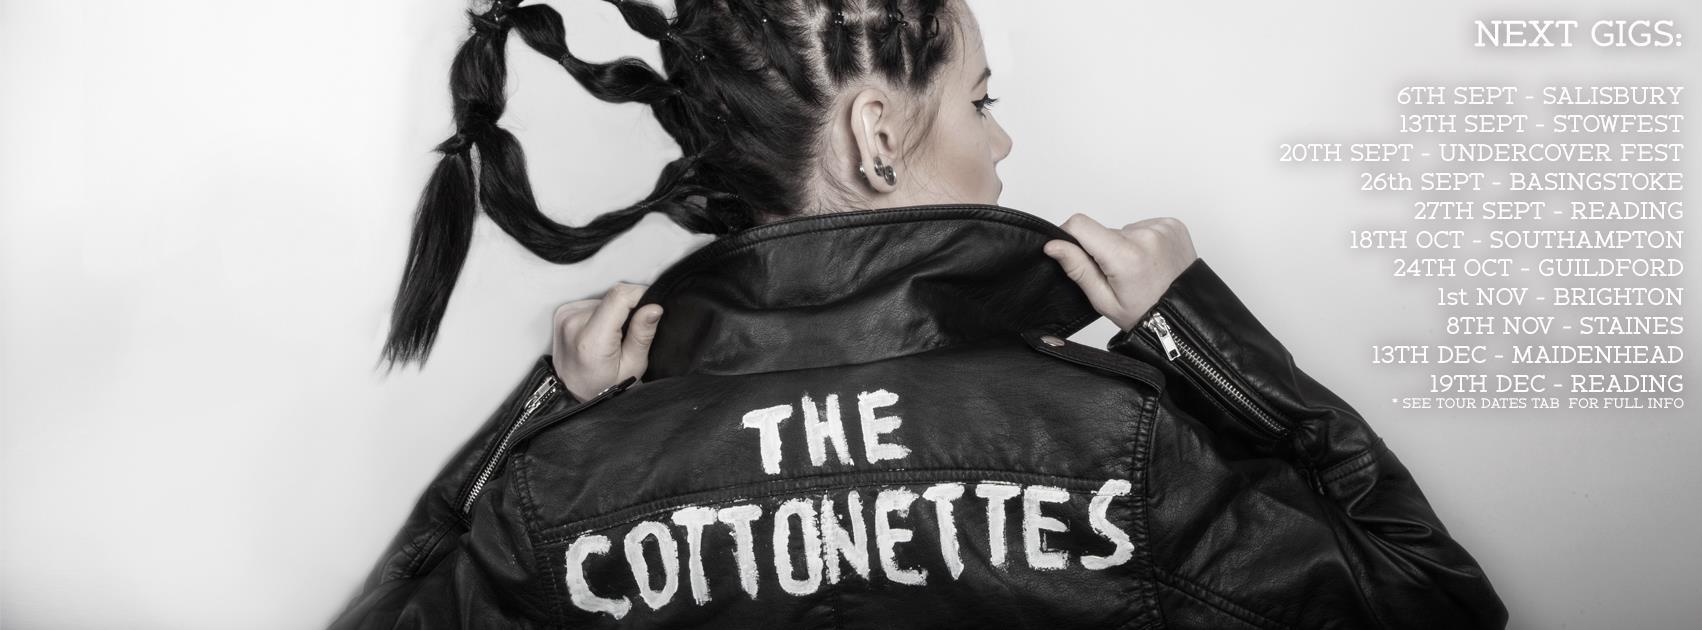 cottonettes logo